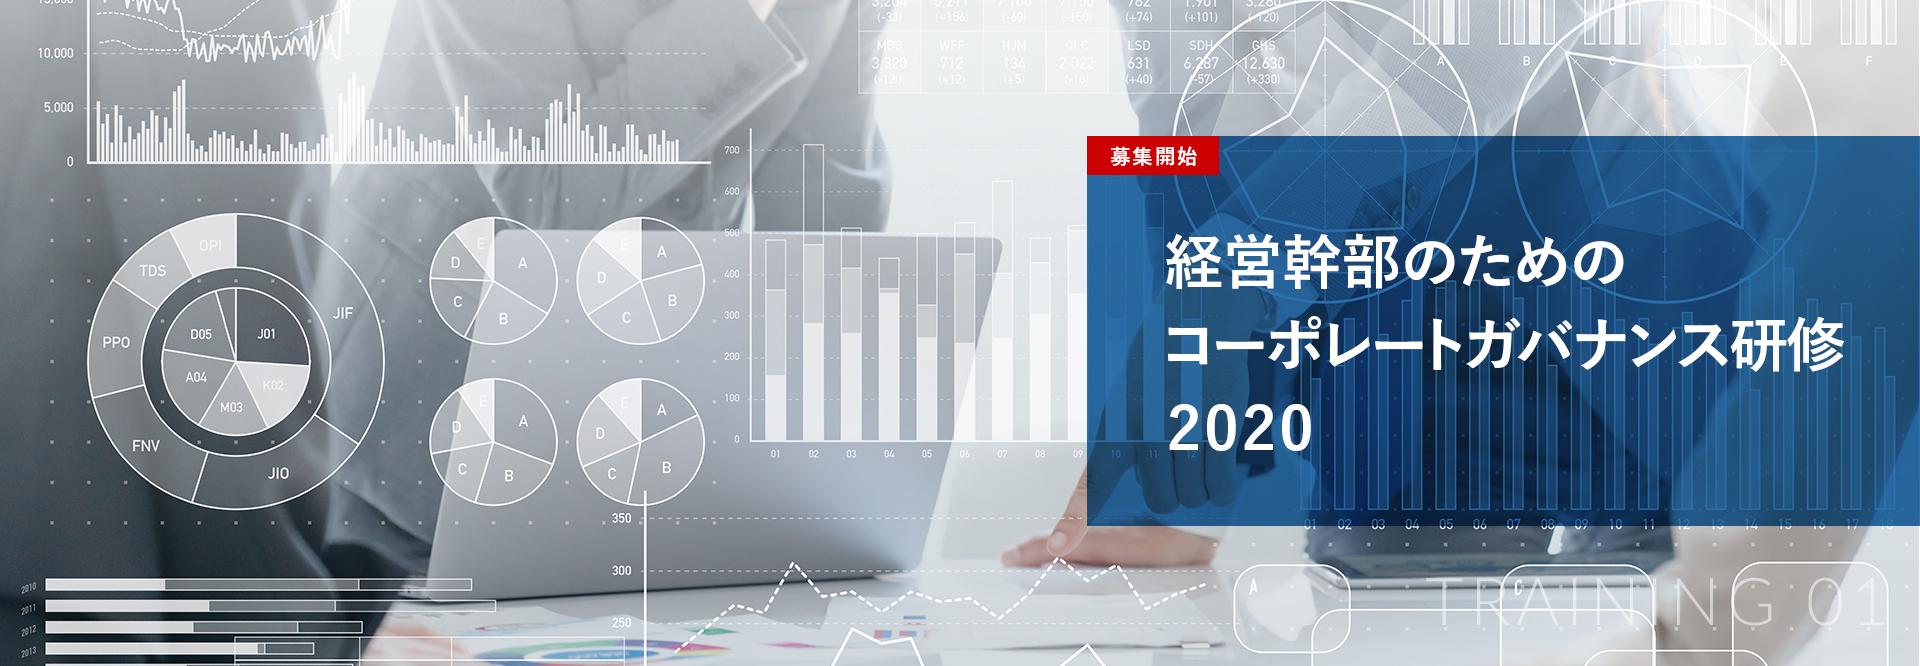 経営幹部のためのコーポレートガバナンス研修2020